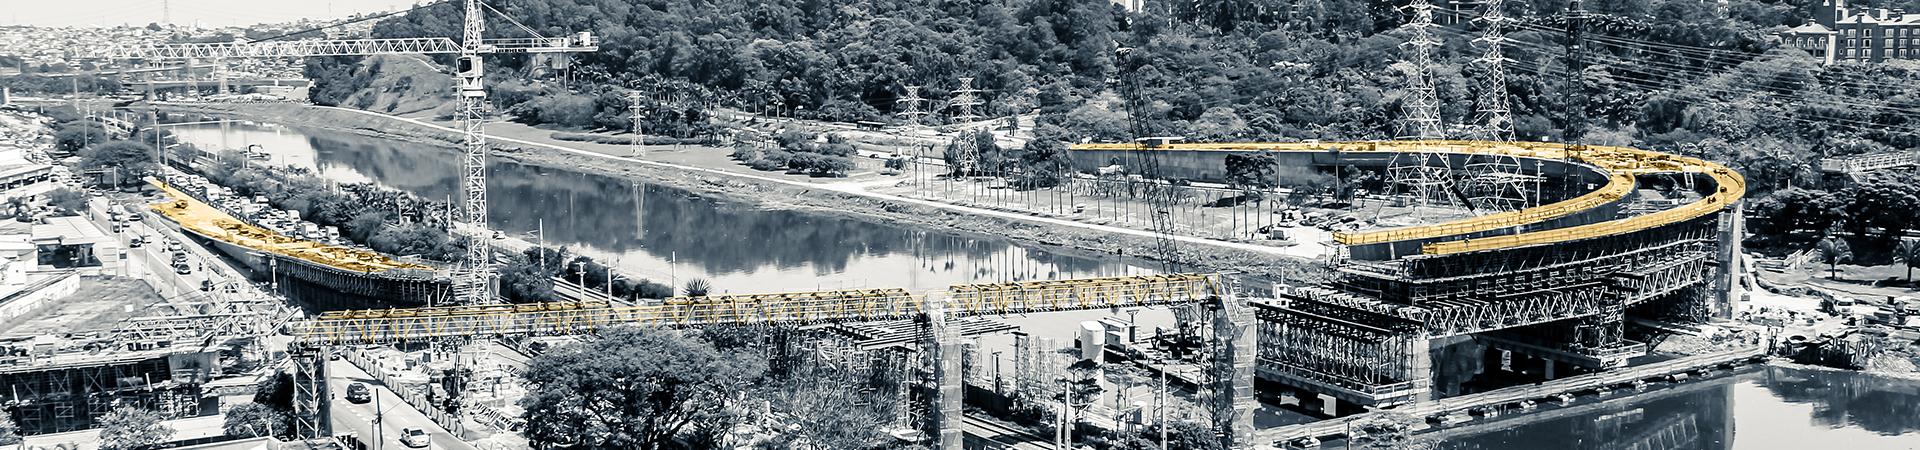 Laguna Bridge